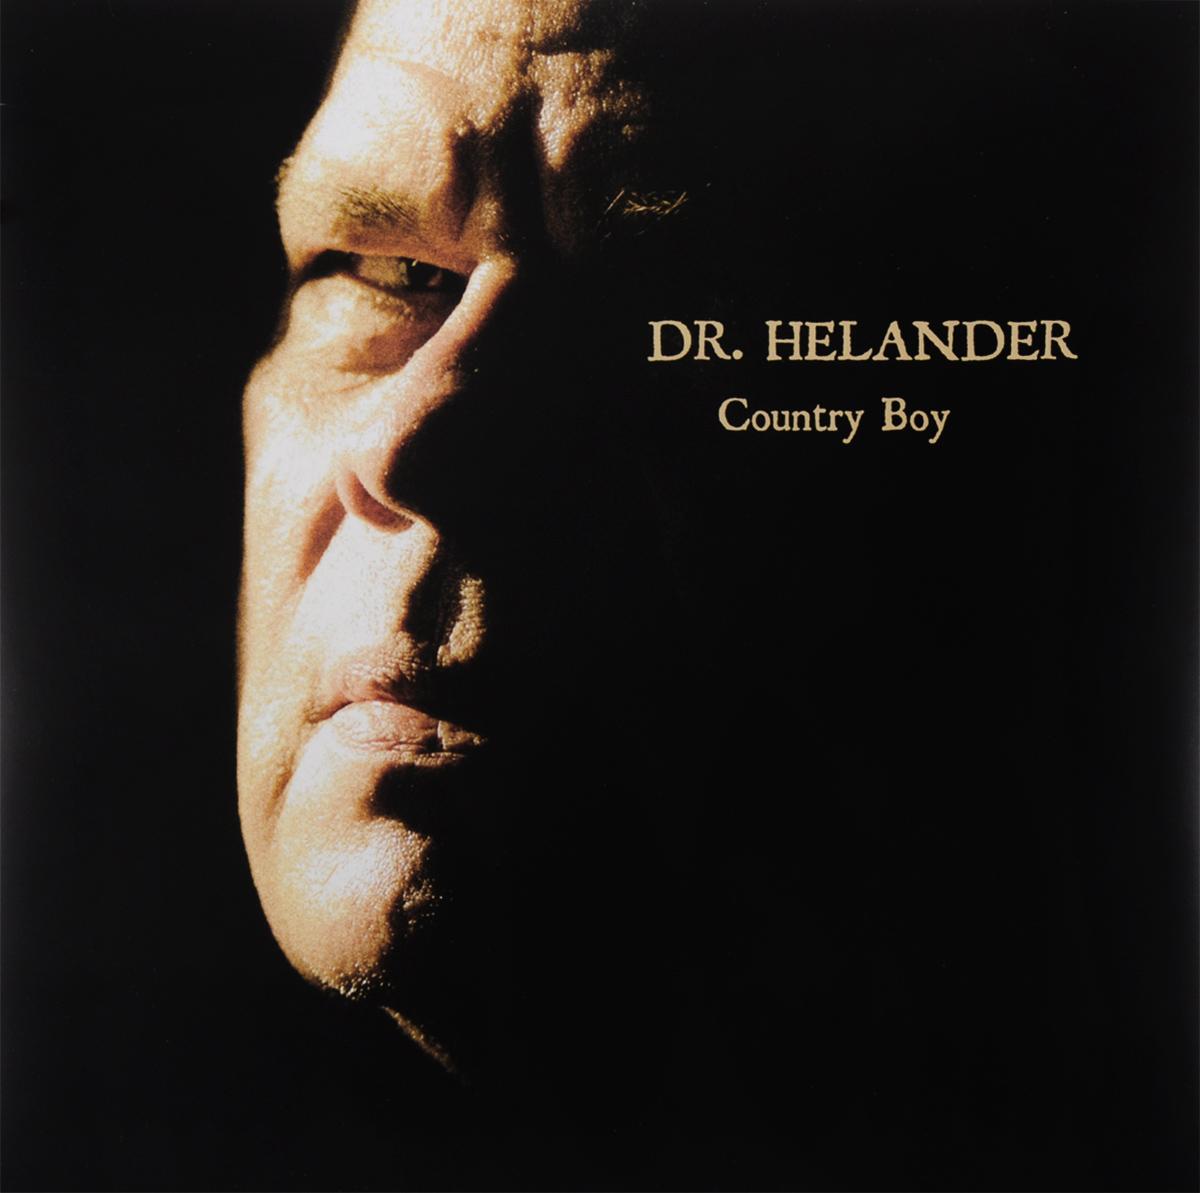 Dr. Helander Dr. Helander. Country Boy (LP) средство dr brandt dr brandt dr011lwohk32